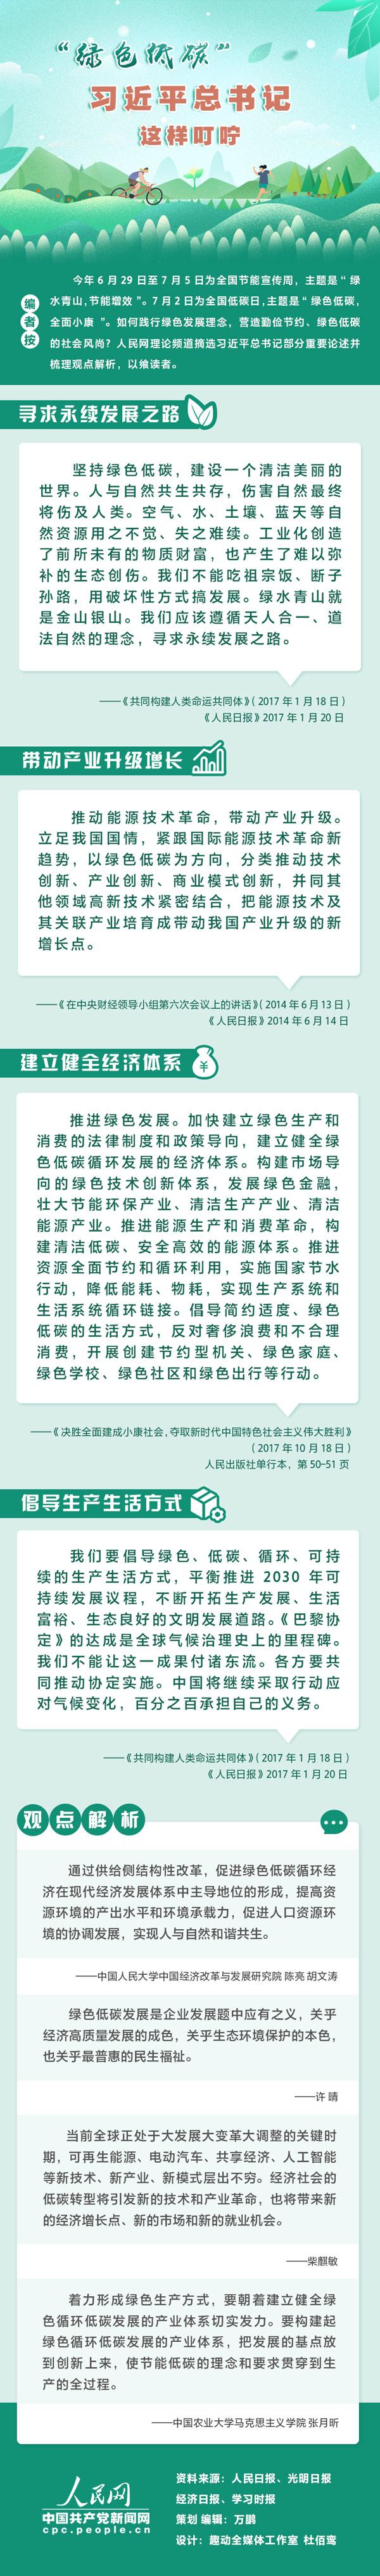 南阳市第一人民医院专家义诊队 把健康送到家门口